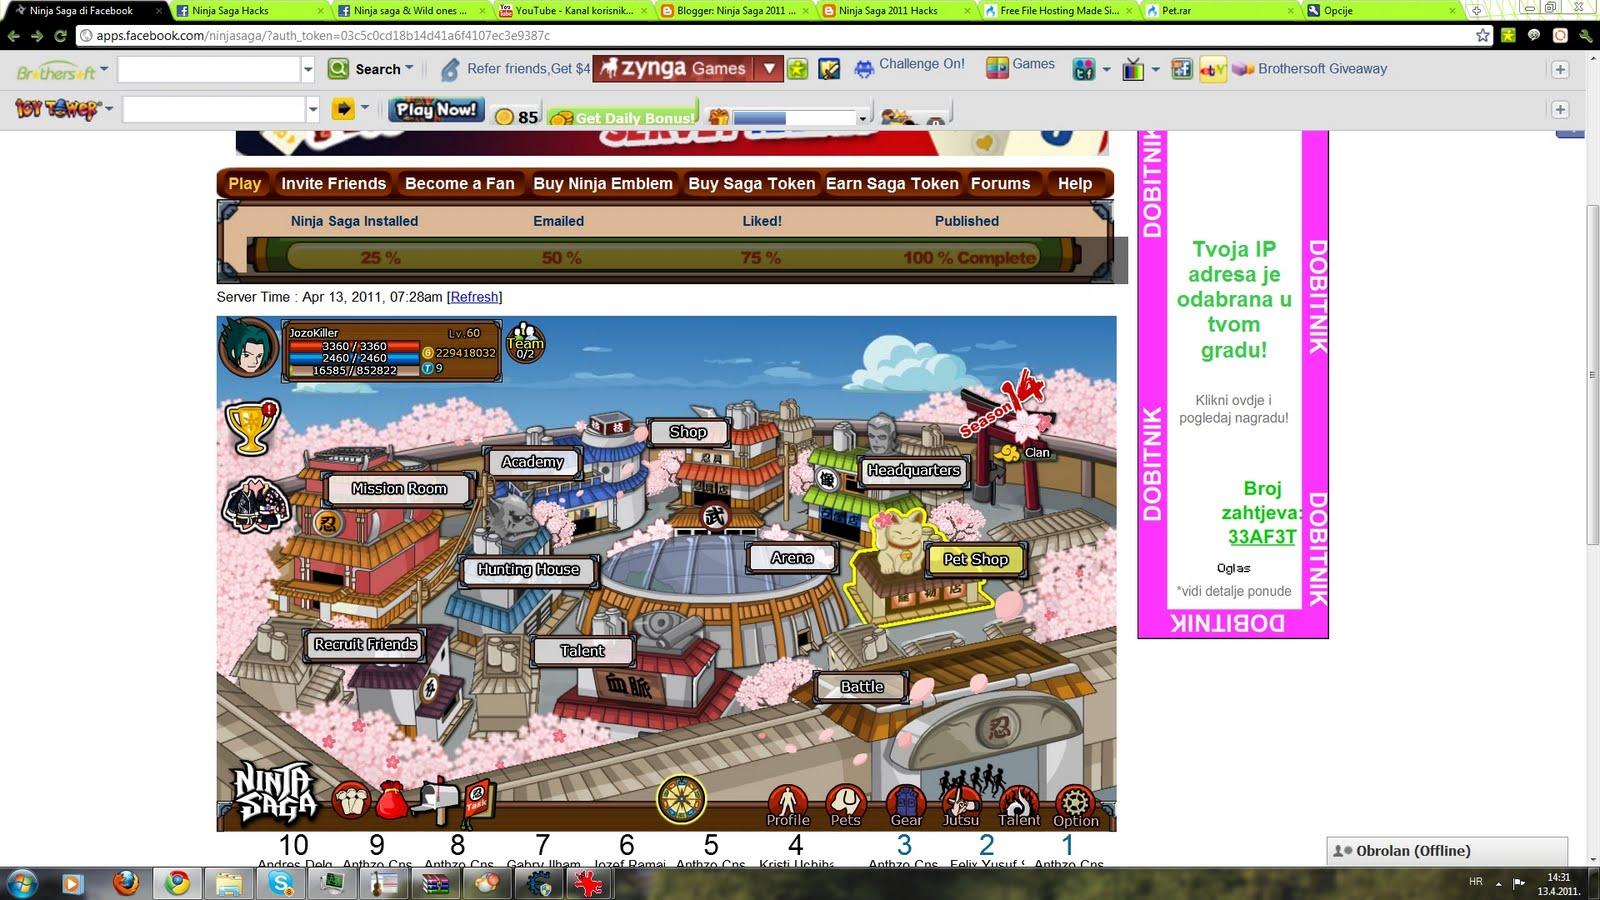 Ninja Saga 2011 Hacks